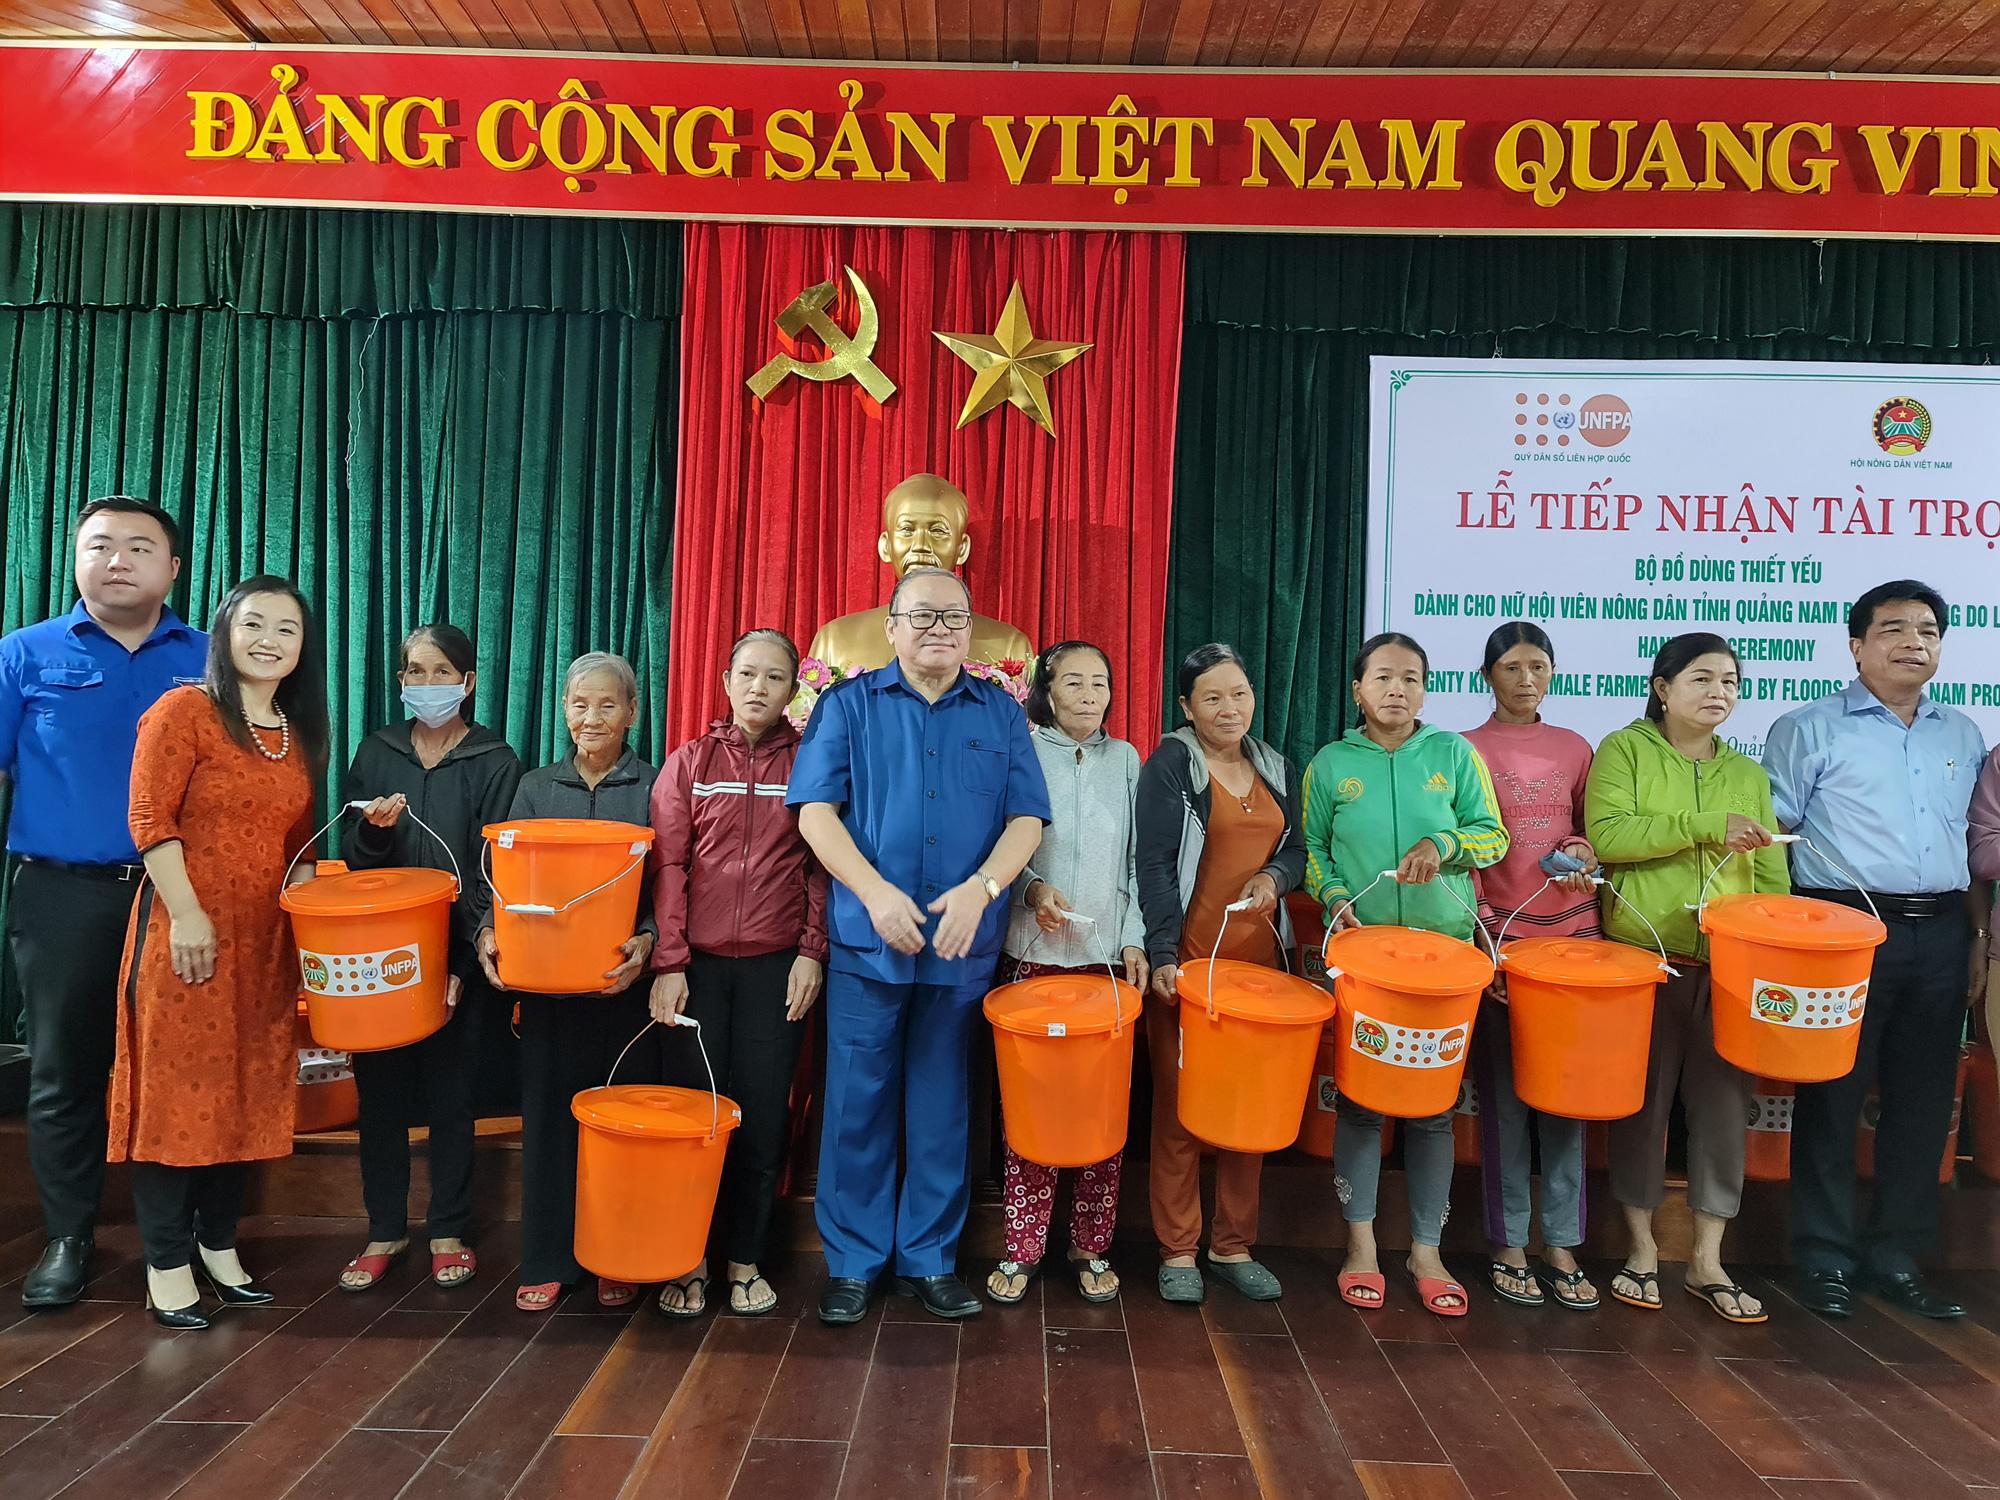 Chủ tịch TƯ Hội Nông dân Việt Nam trao 1.543 bộ đồ dùng thiết yếu cho nữ hội viên Quảng Nam - Ảnh 6.